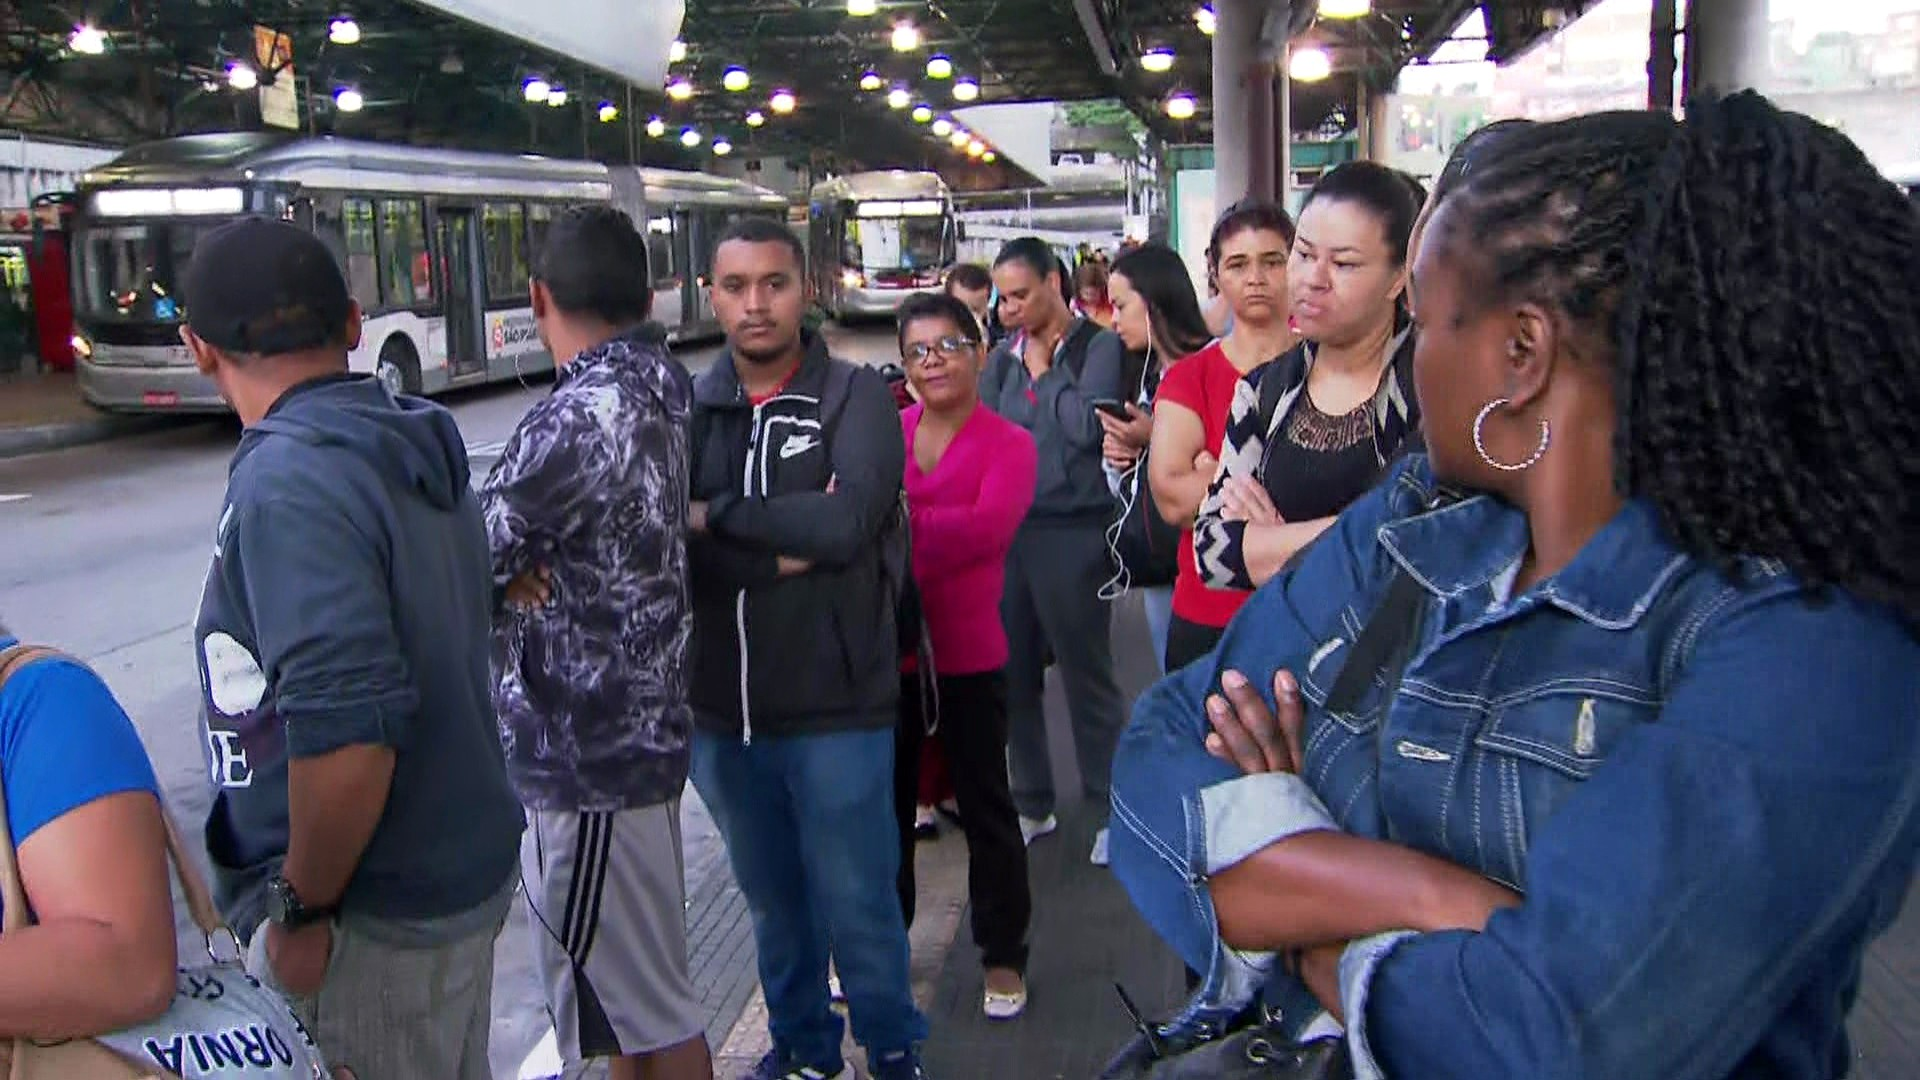 Passageiros relatam filas e lotação após SP retirar ônibus das ruas devido à quarentena de coronavírus